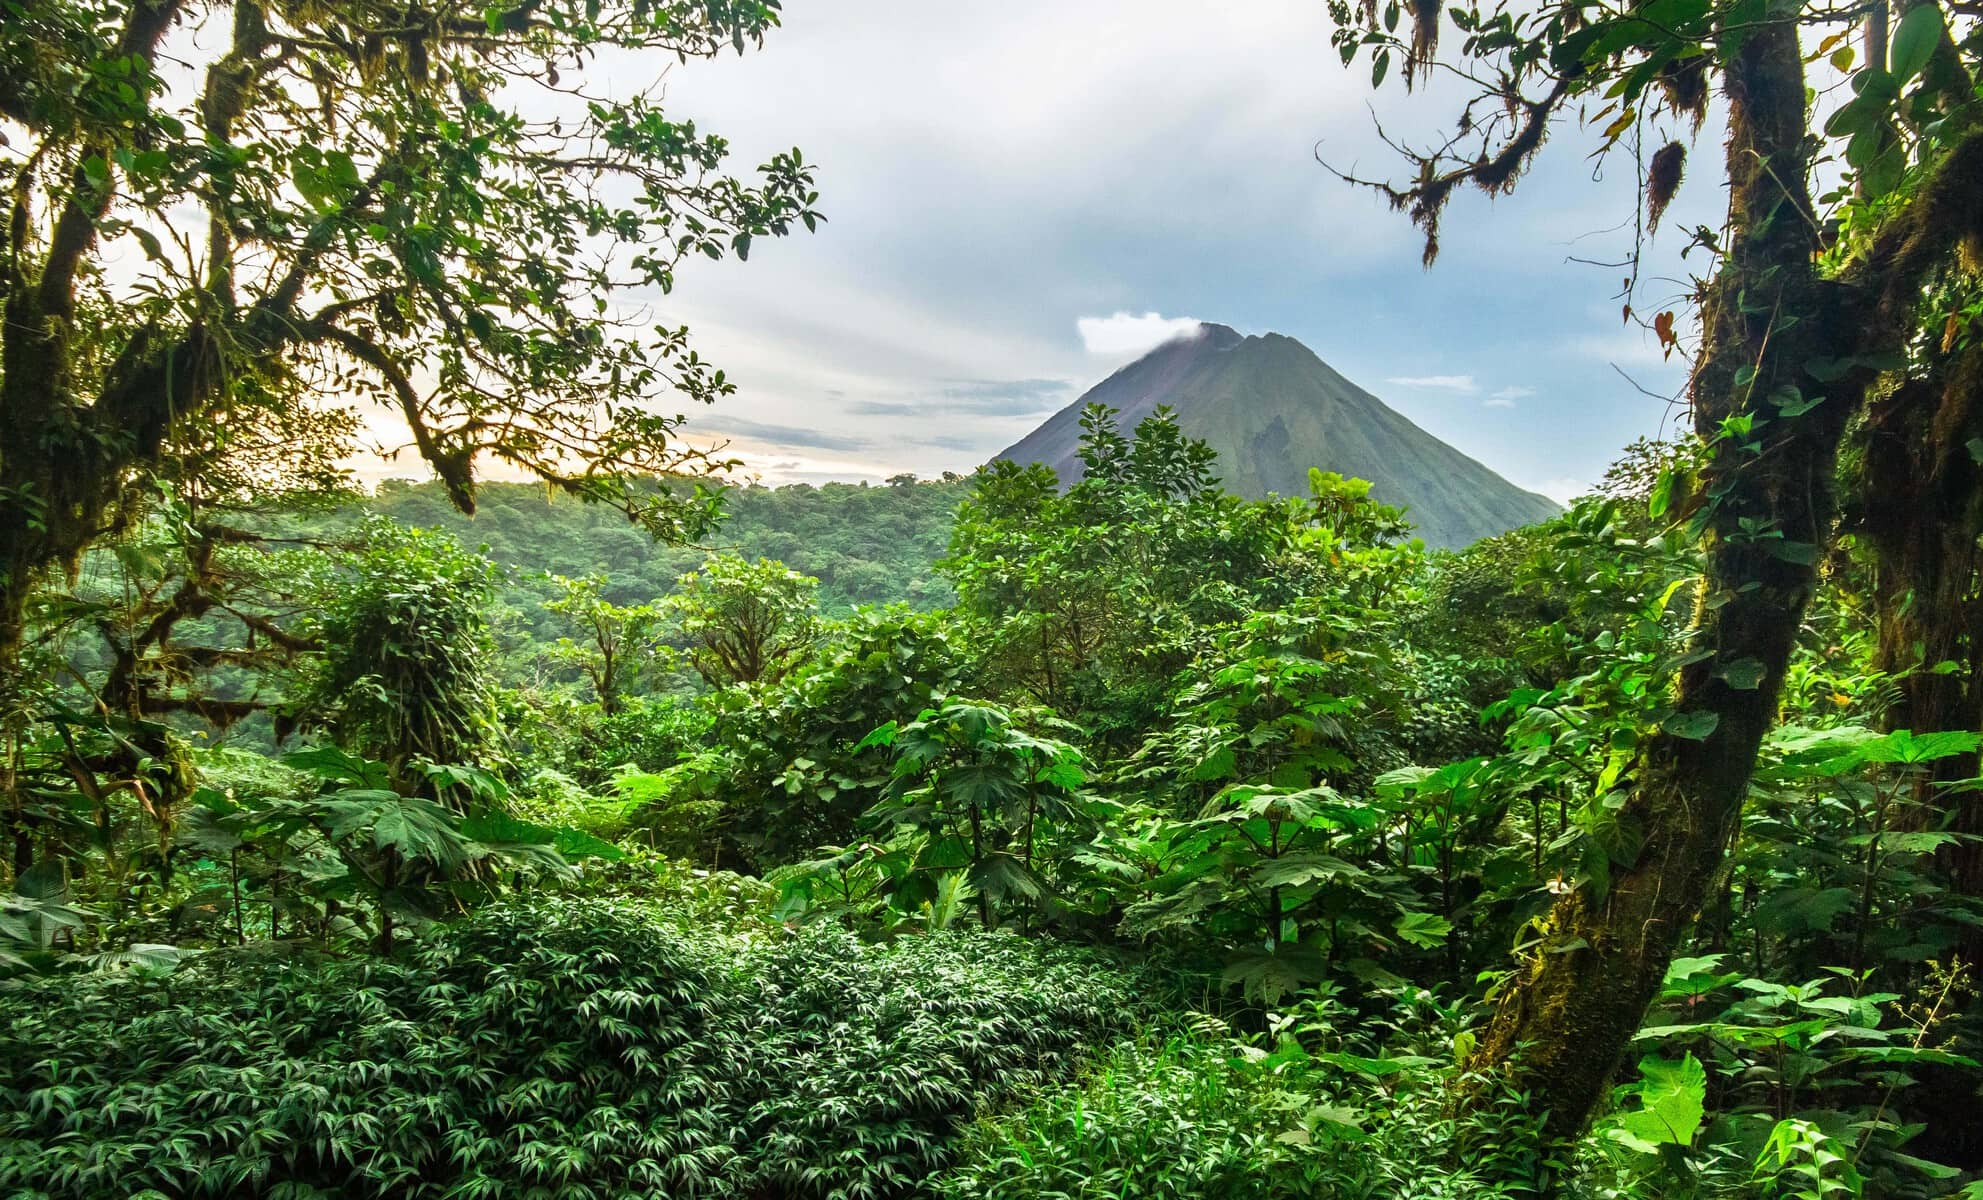 Radermacher Reisen - Regenwald im Hintergrund ein Vulkan - Costa Rica